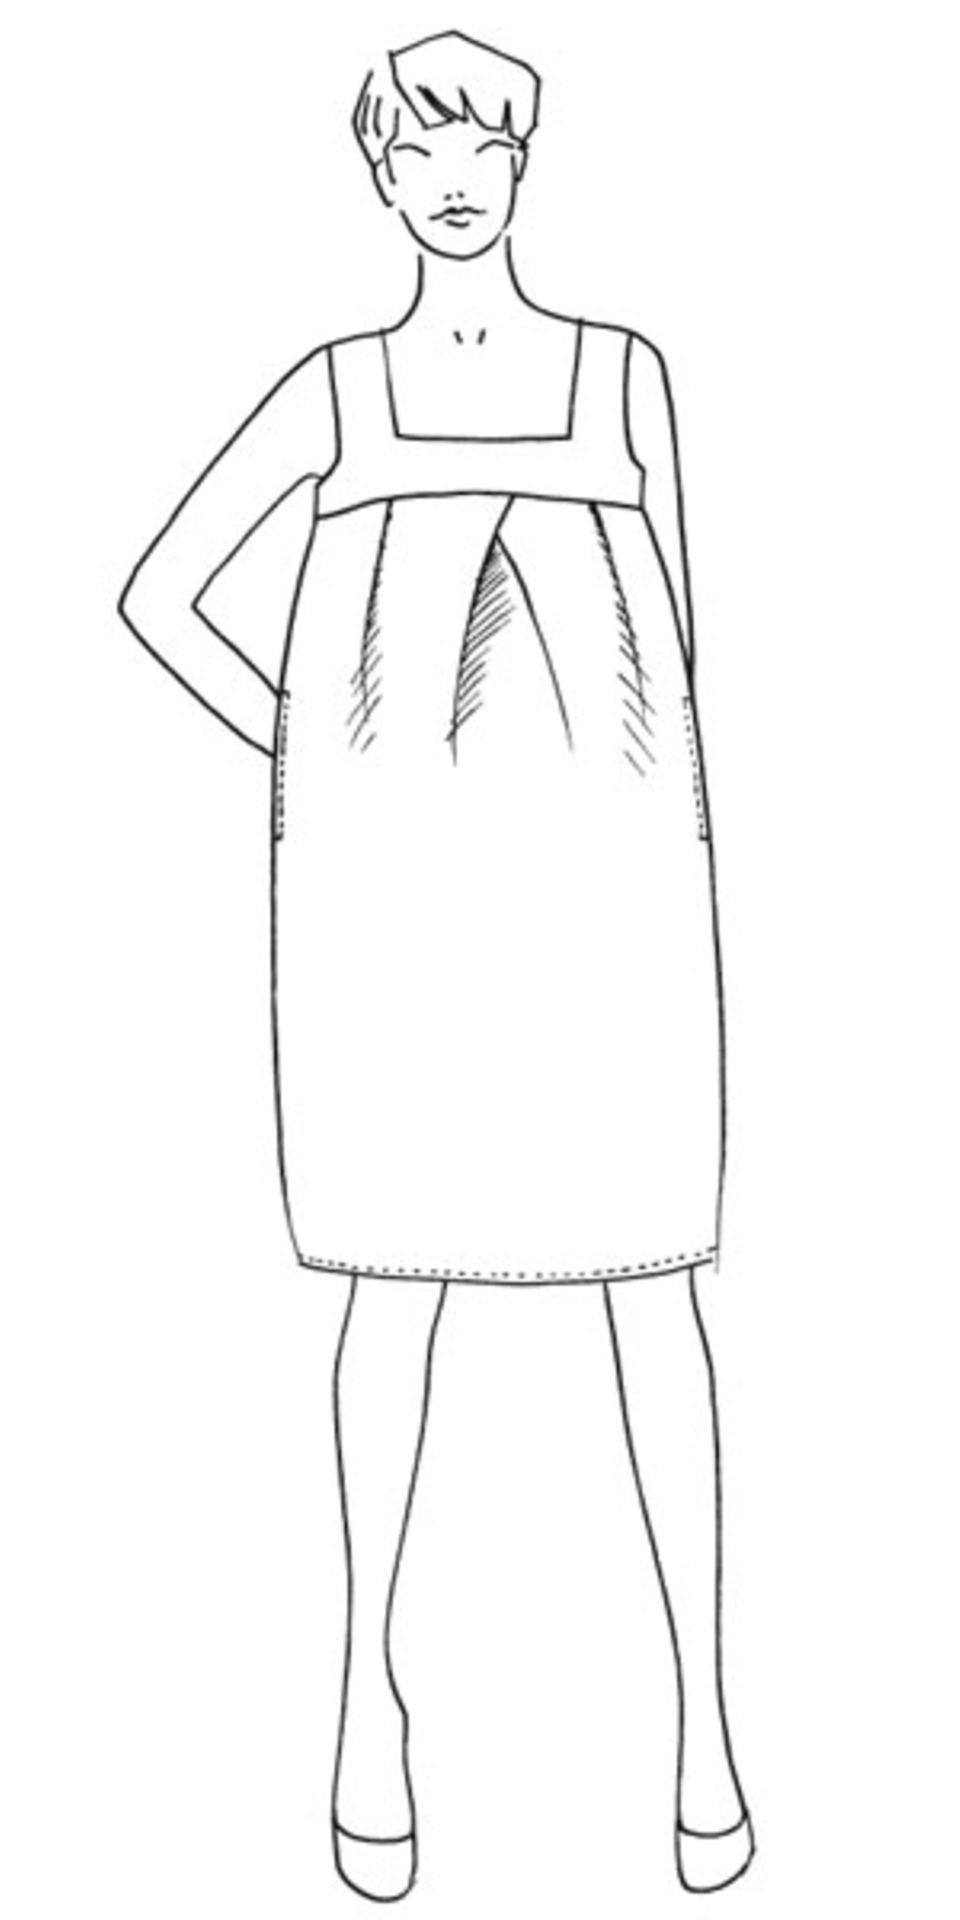 Sommerkleid nähen - eine Anleitung